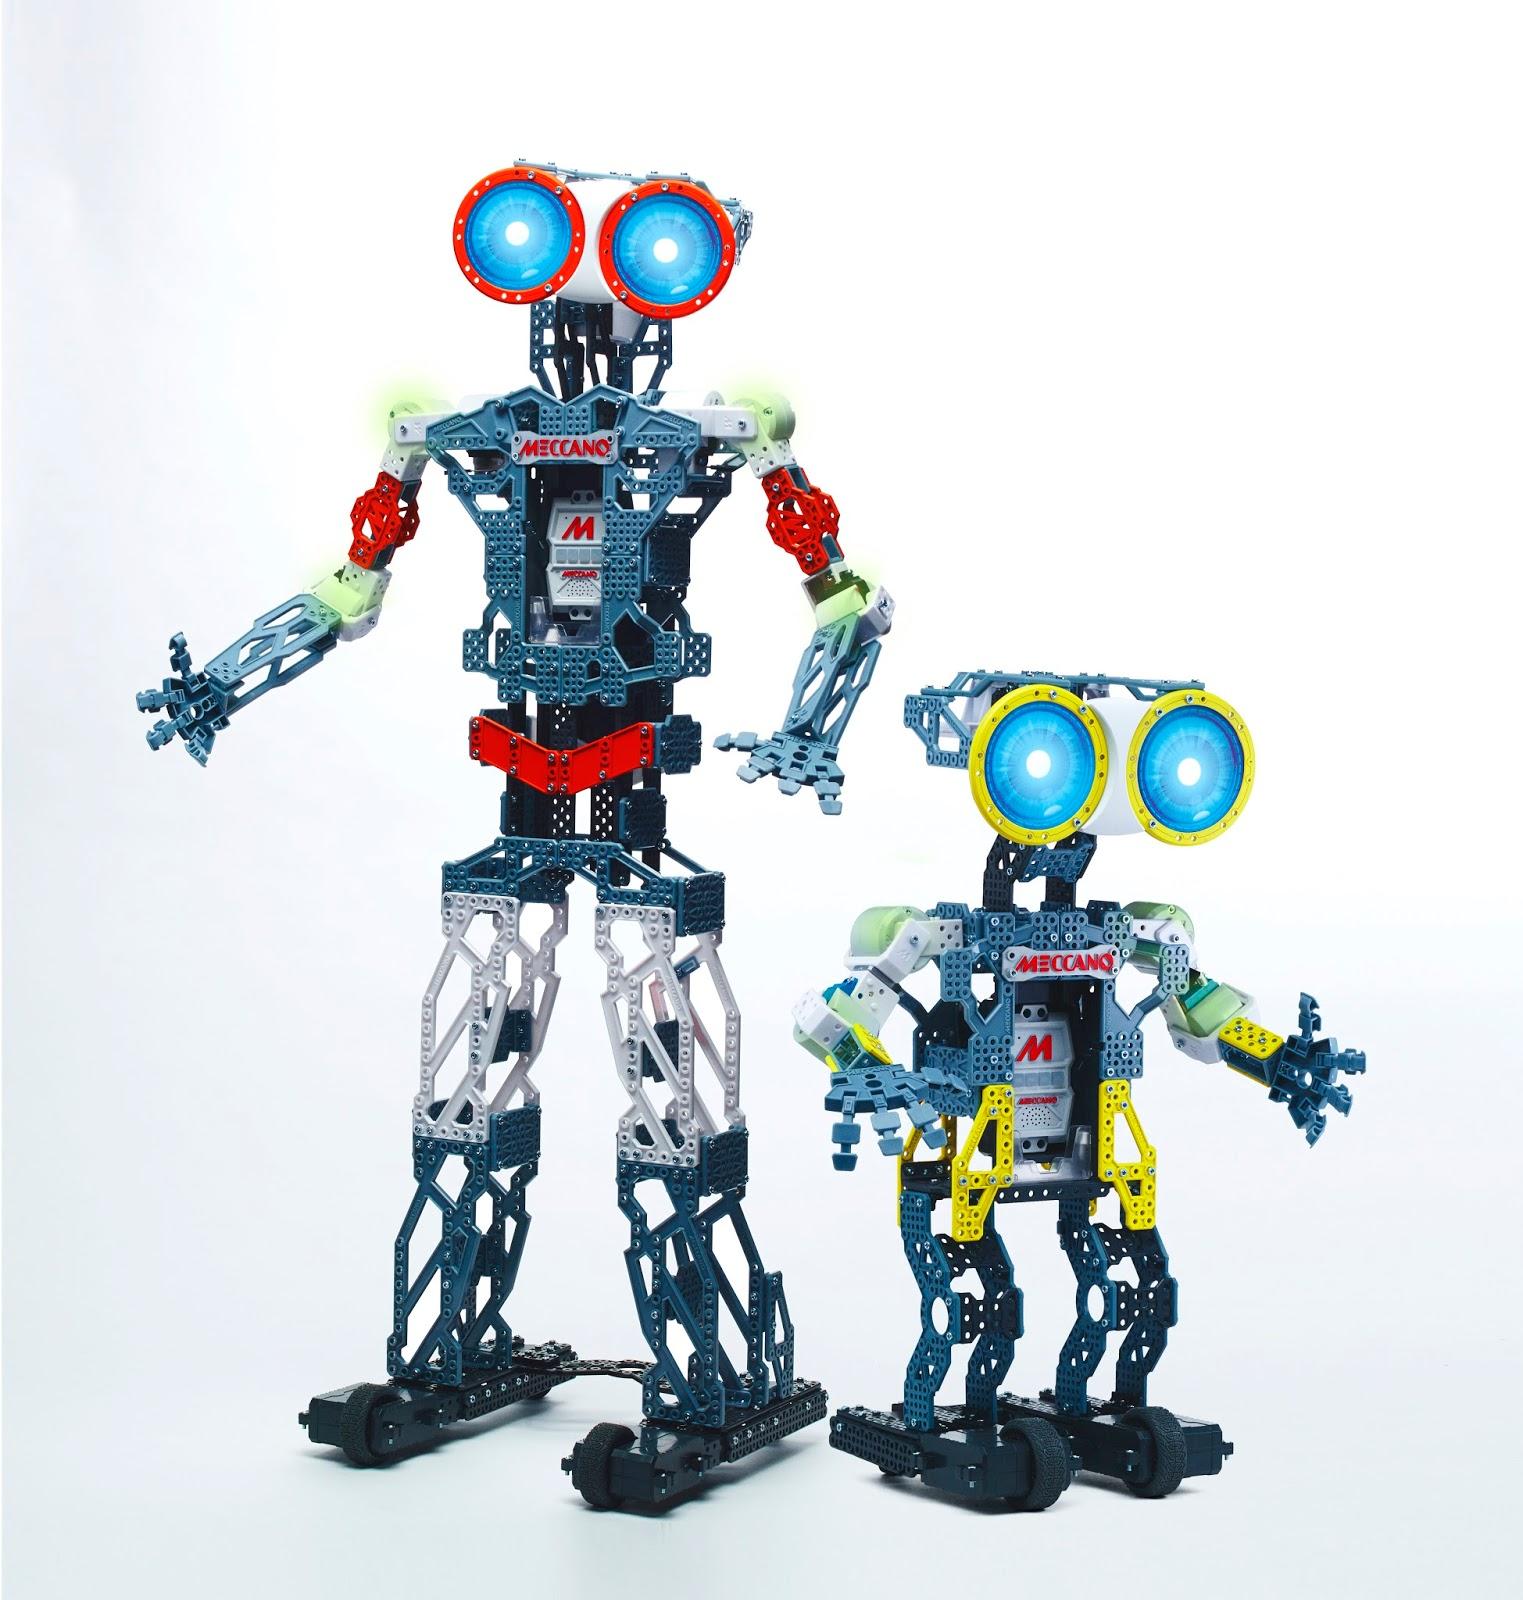 Idée de cadeau pour un enfant : les robots meccanoids